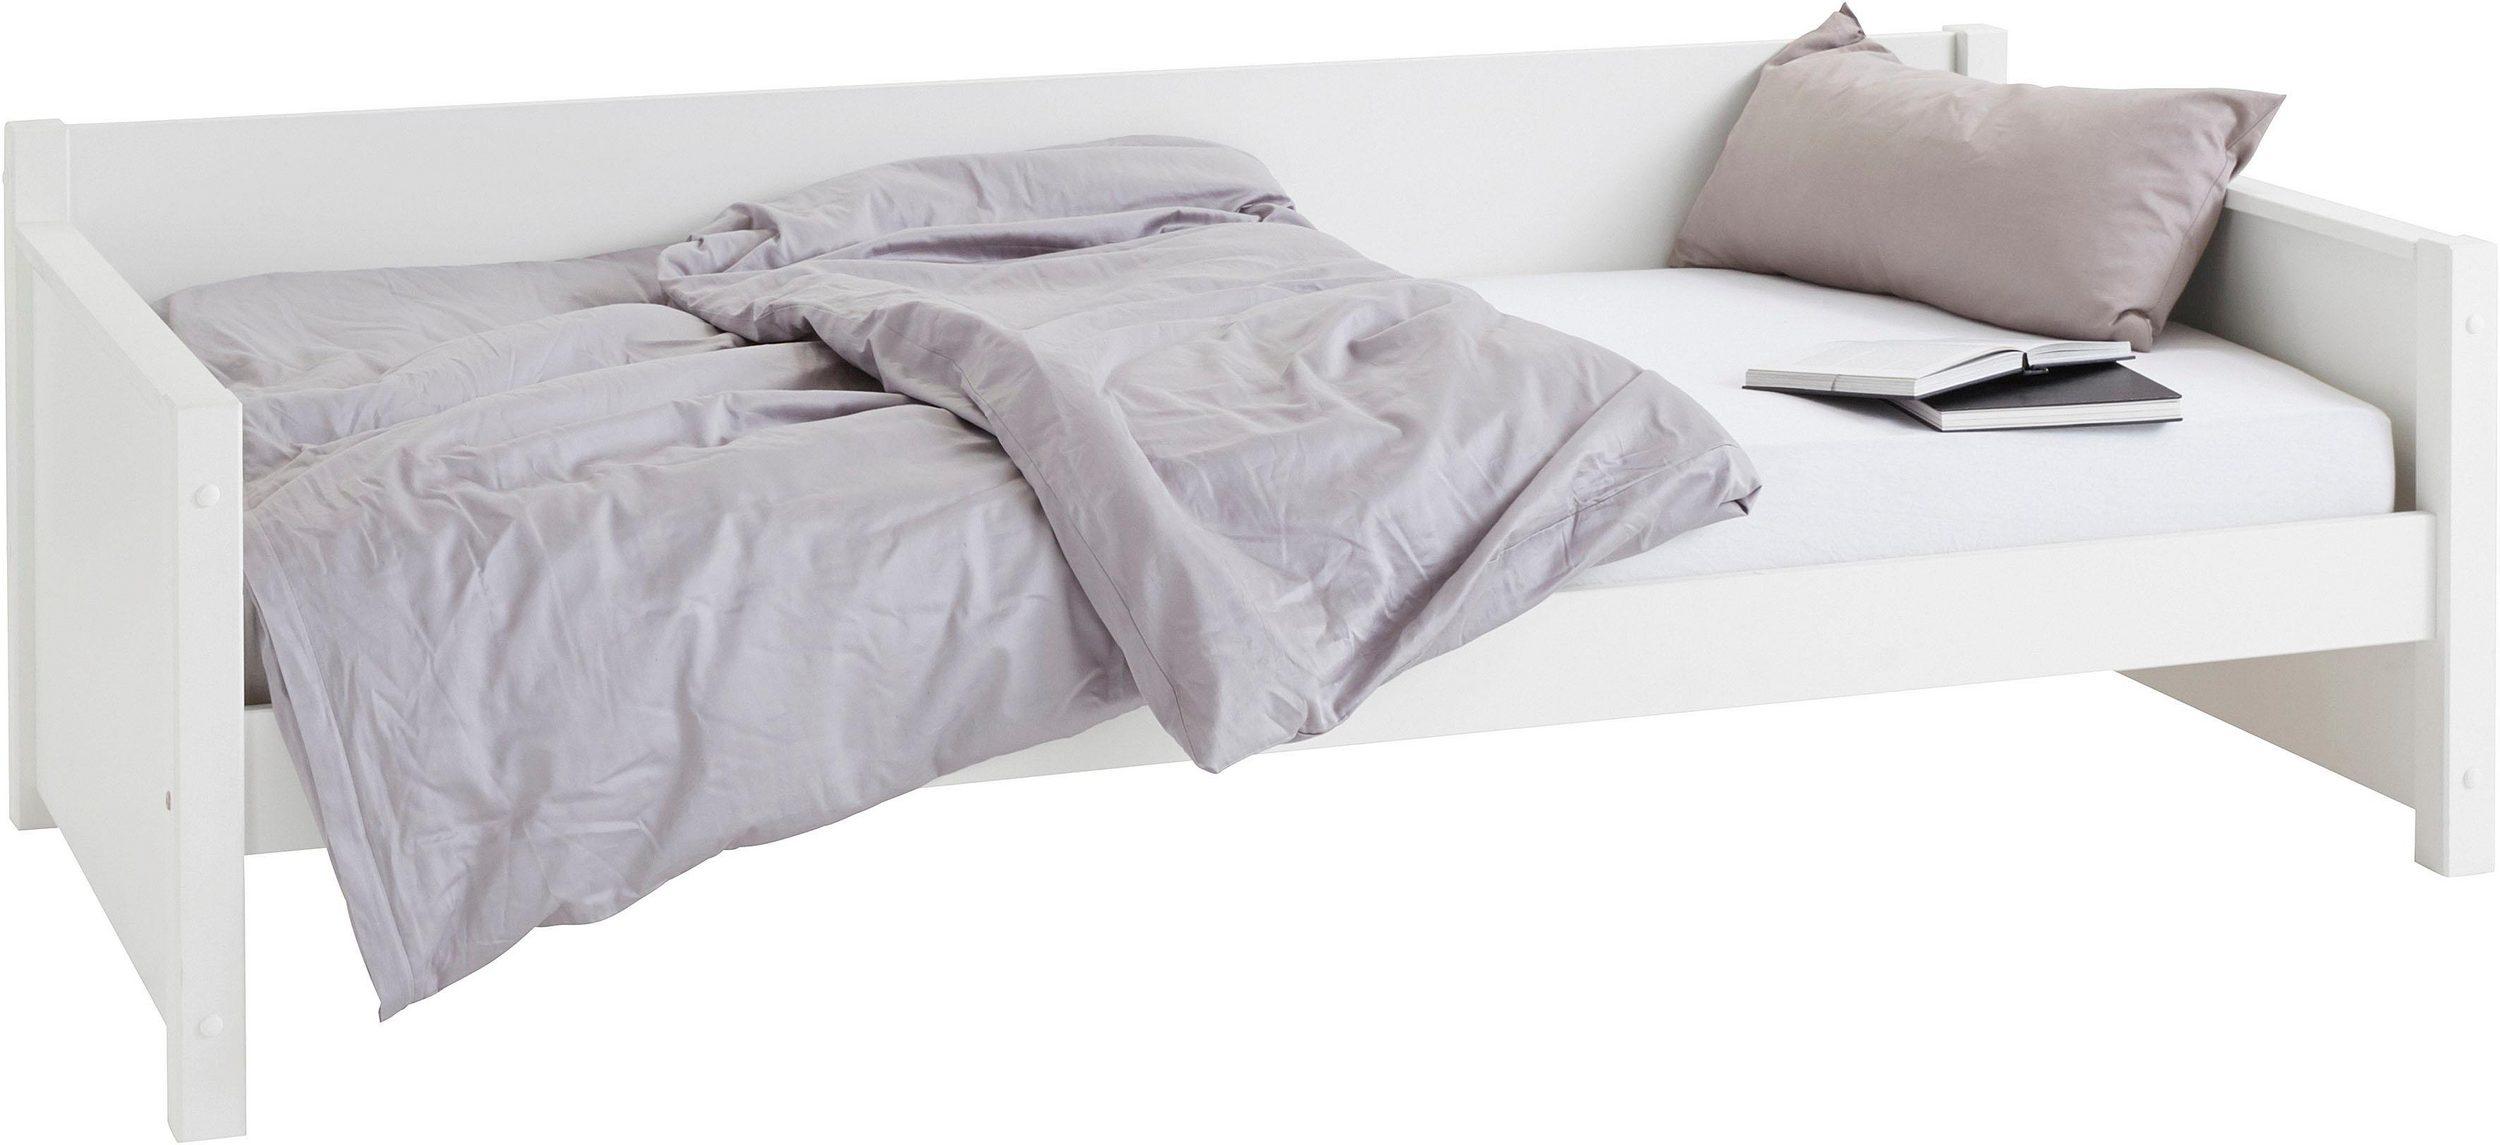 Wygodne Białe łóżko 90x200 Cm